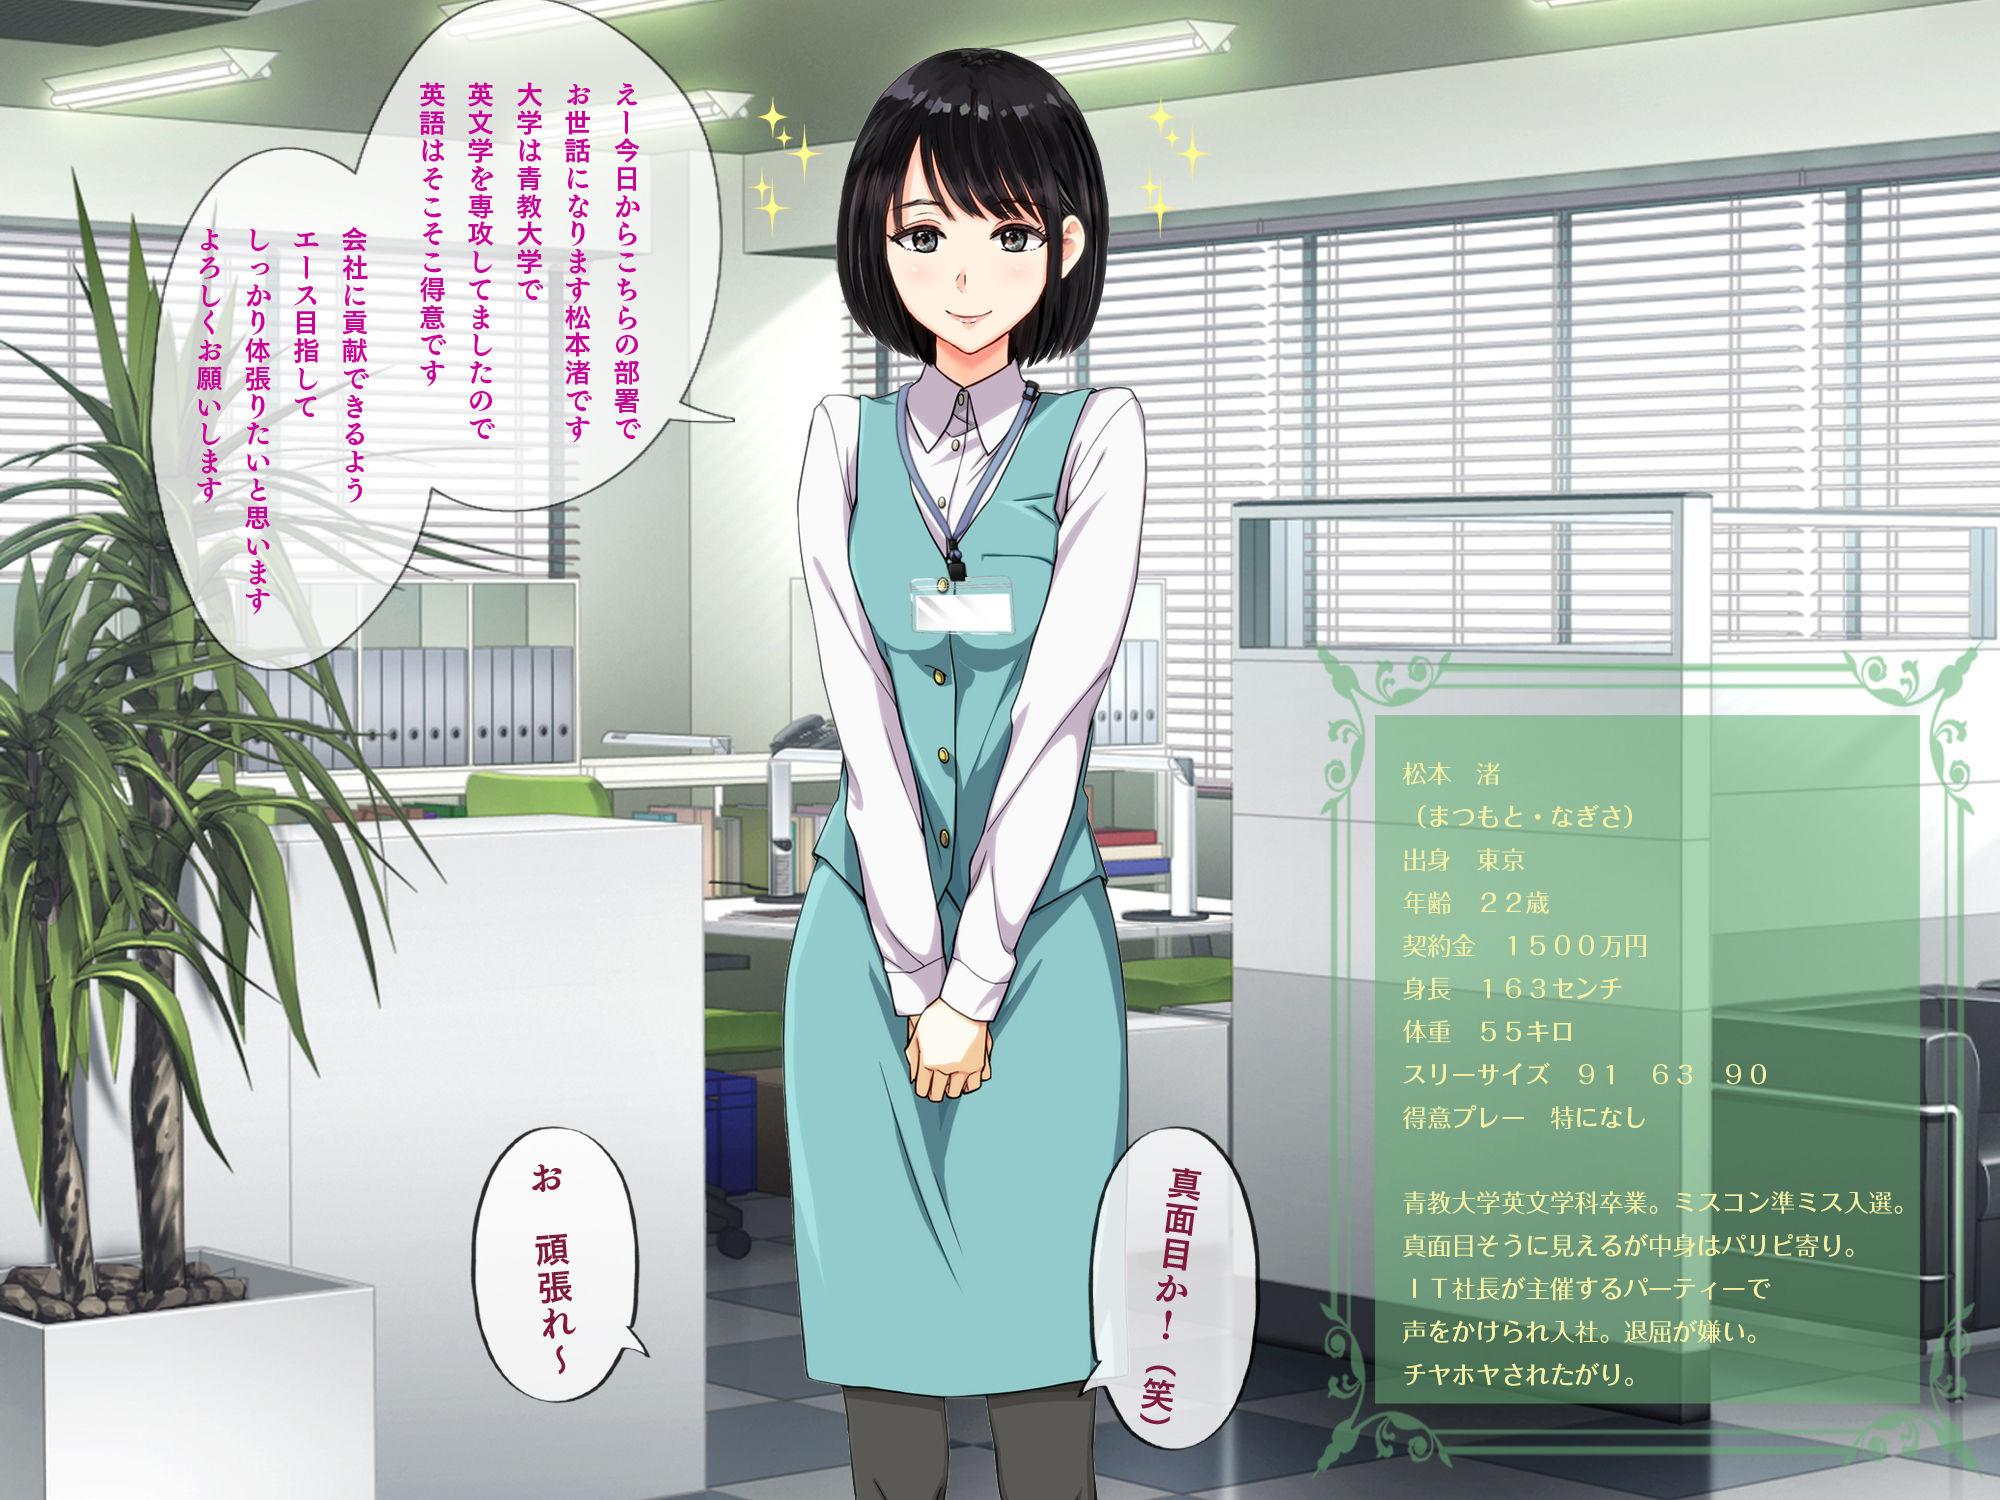 一流広告代理店 枕営業課のお仕事(正社員編)